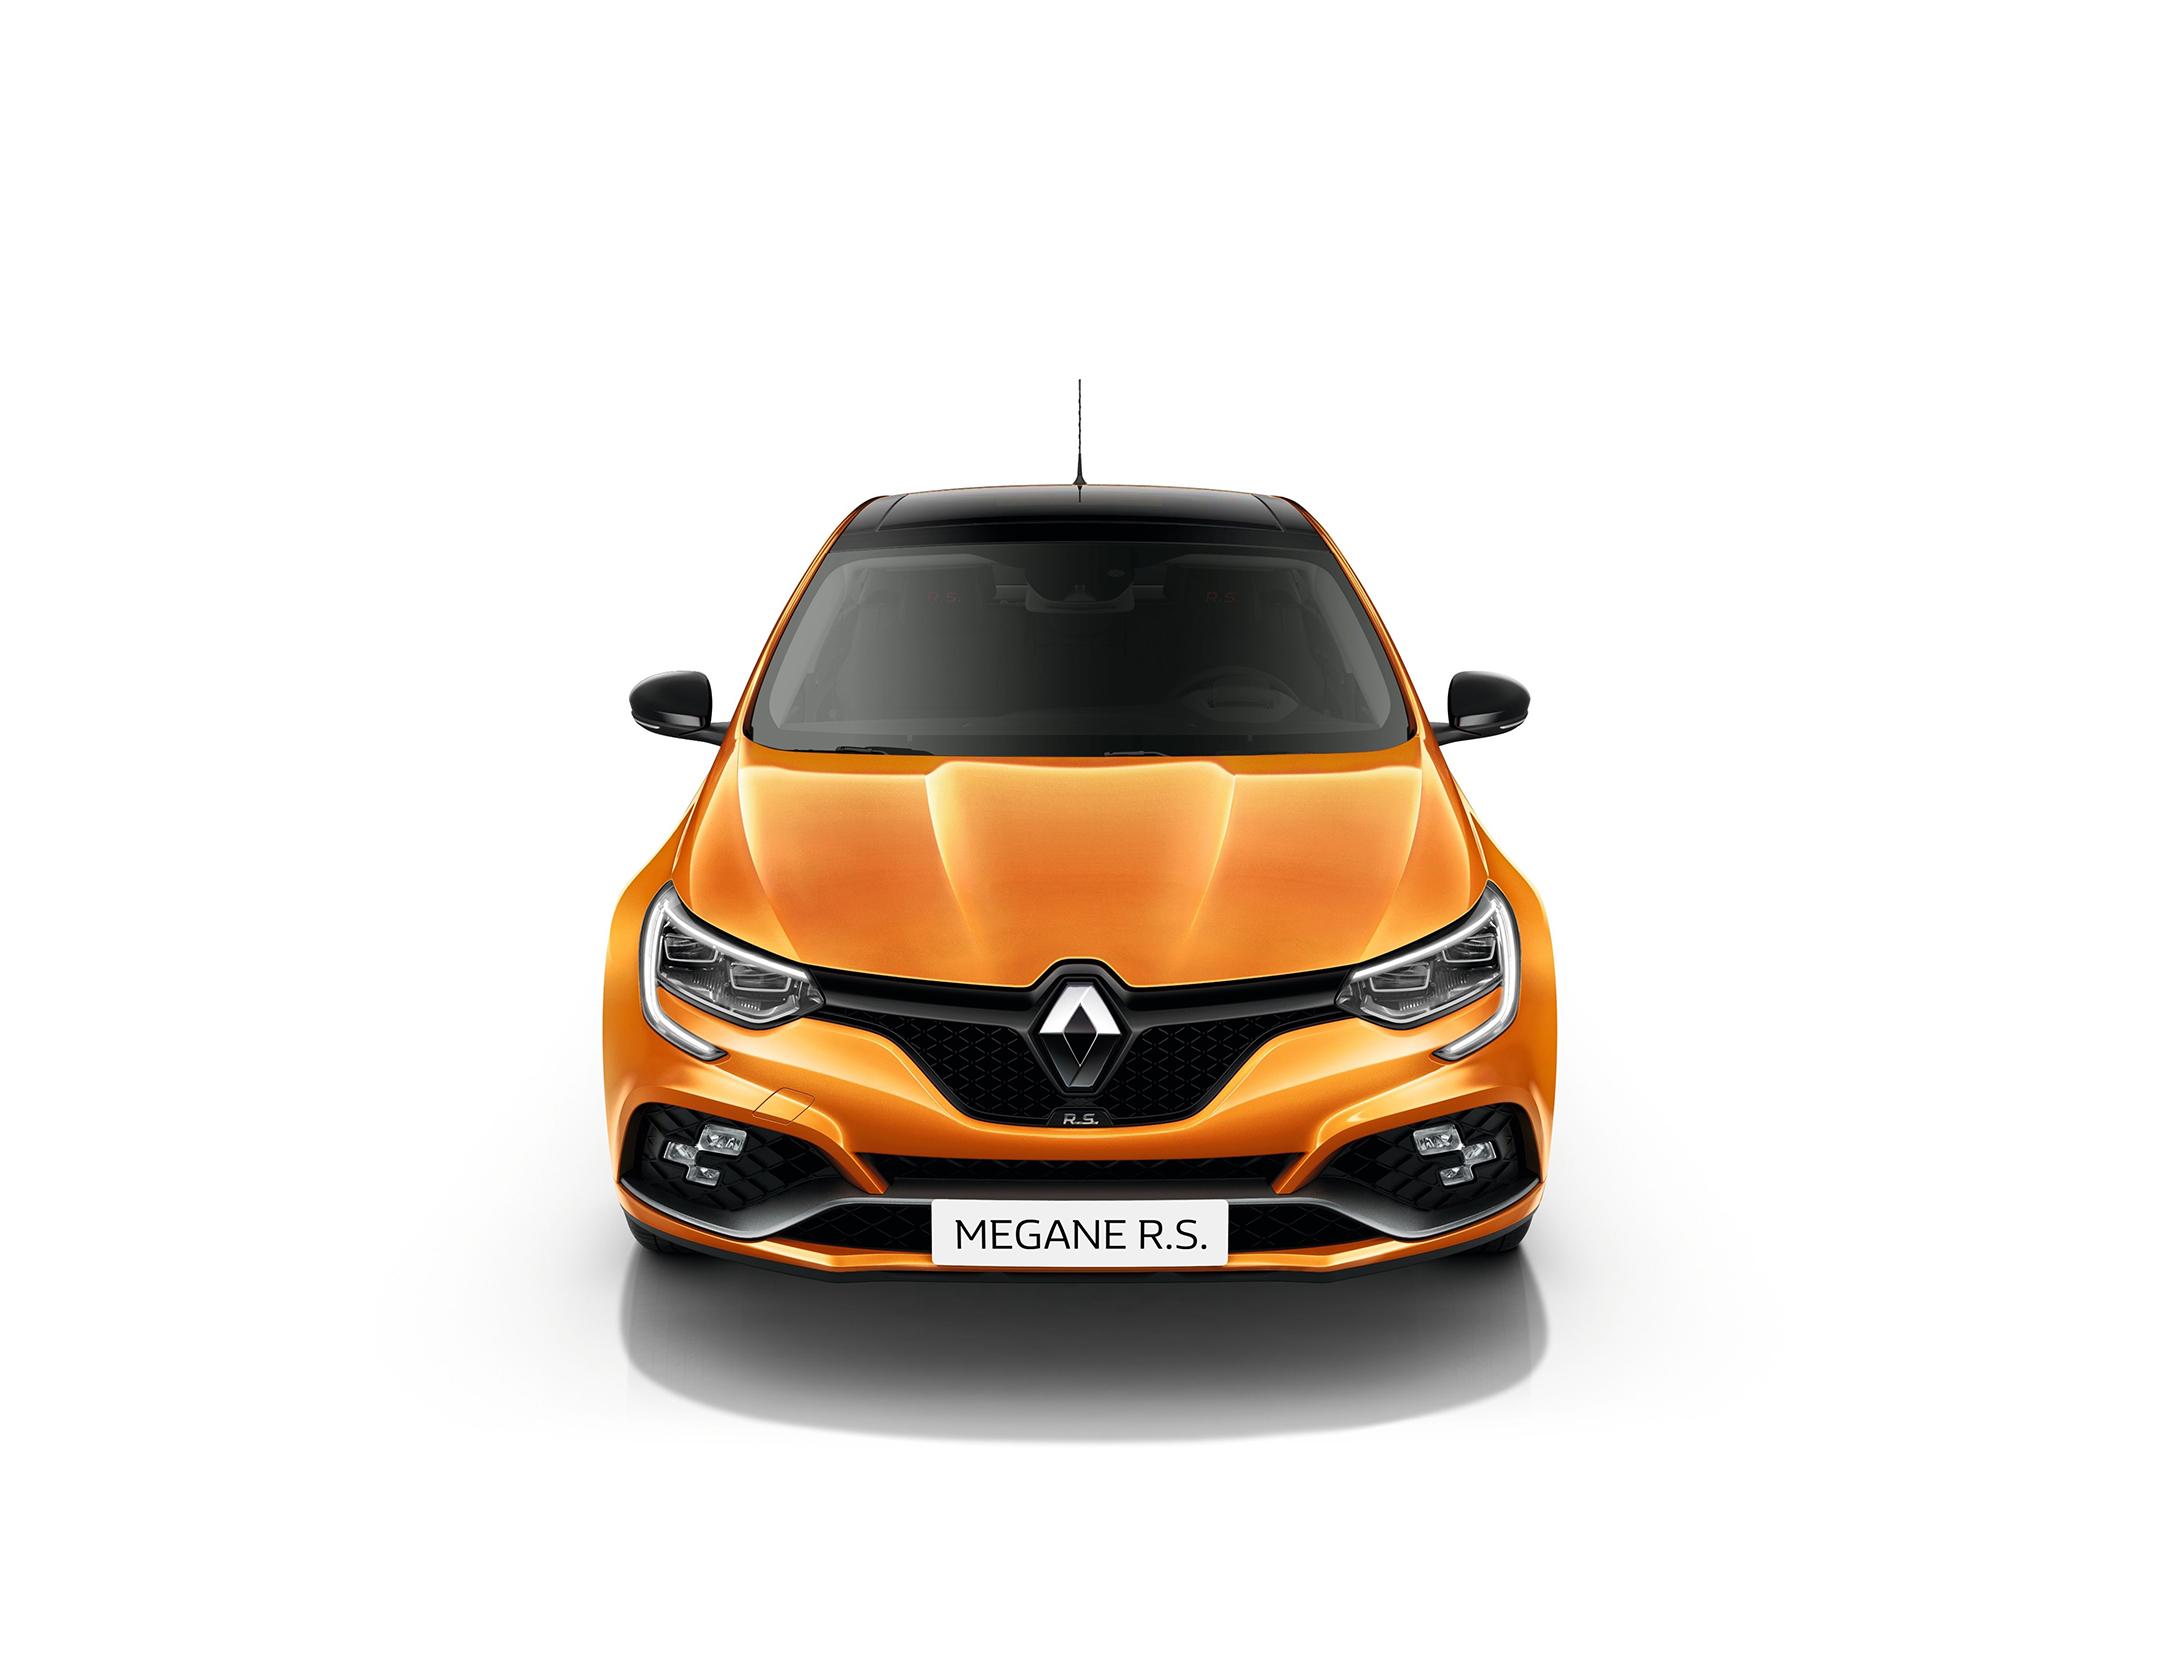 Renault Mégane R.S. - 2017 - front-face / face avant